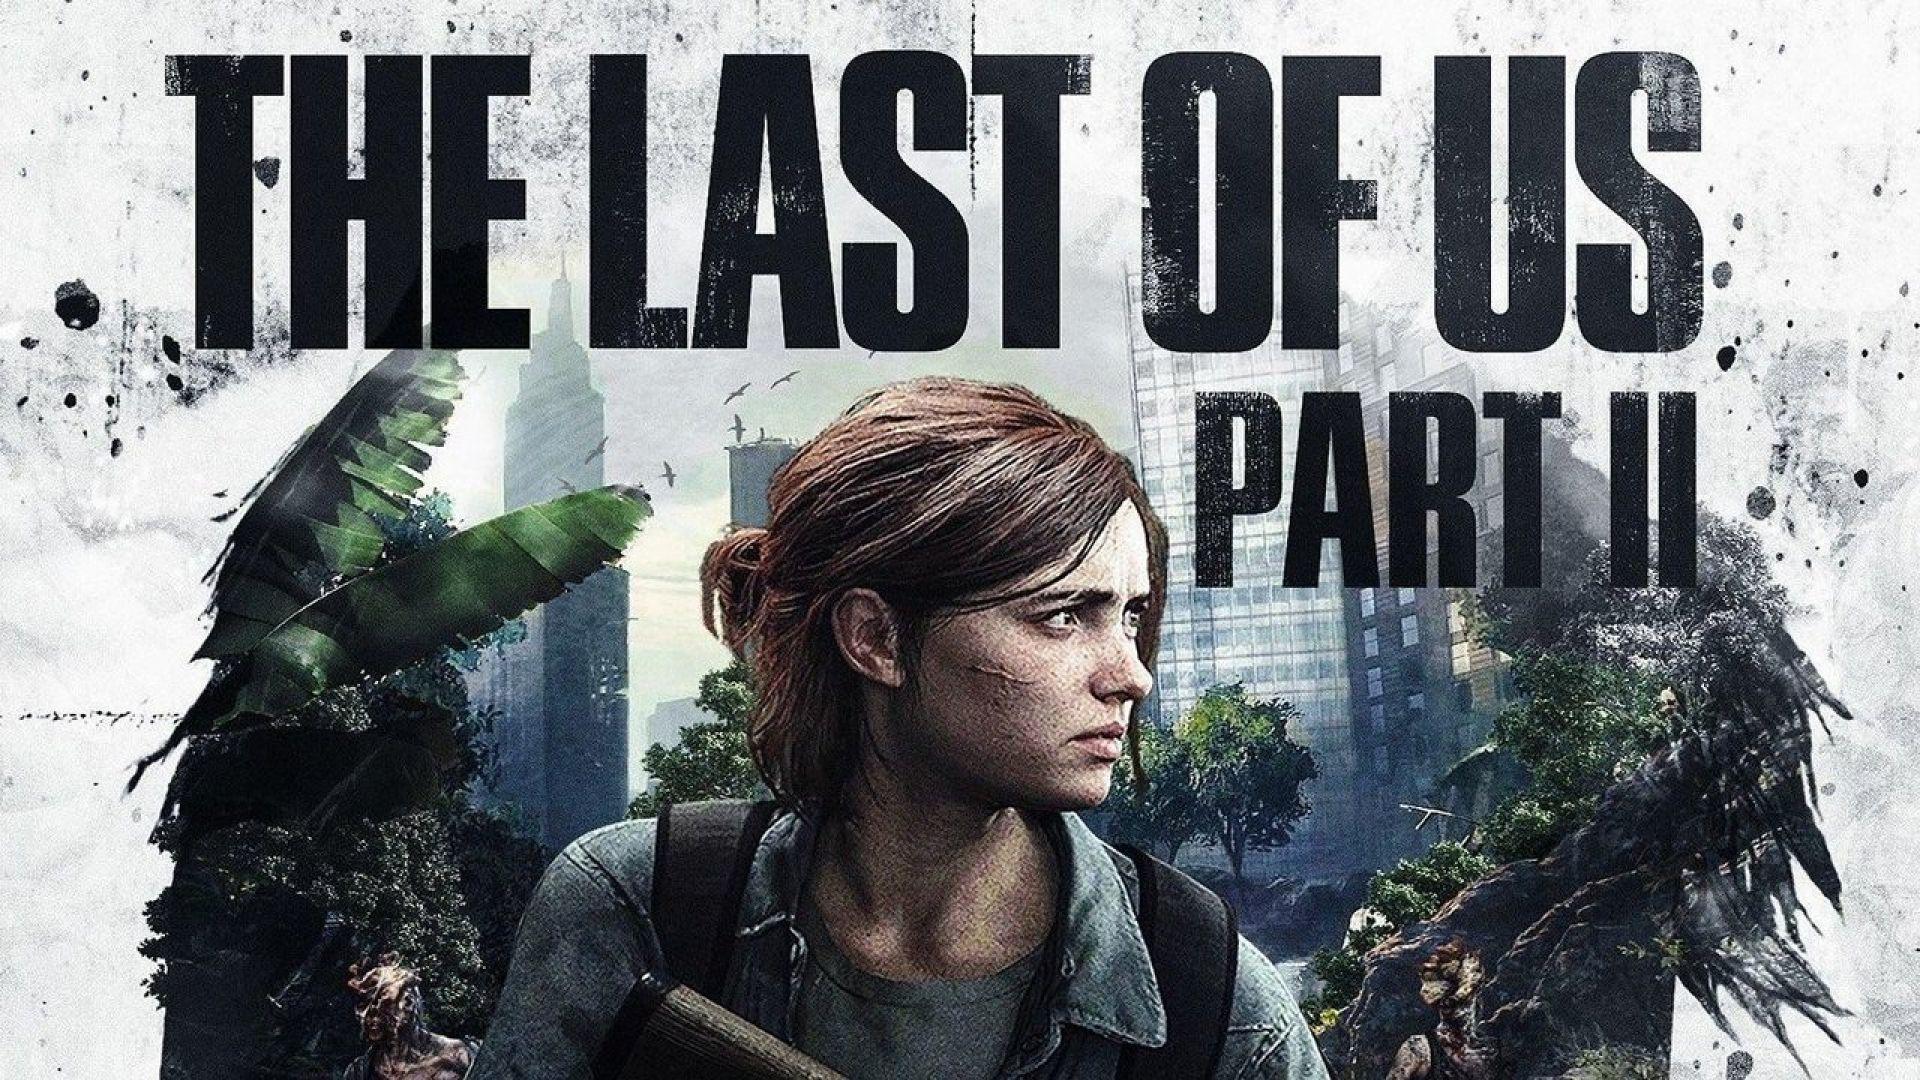 Двама режисьори се присъединяват към екранизацията на The Last of Us